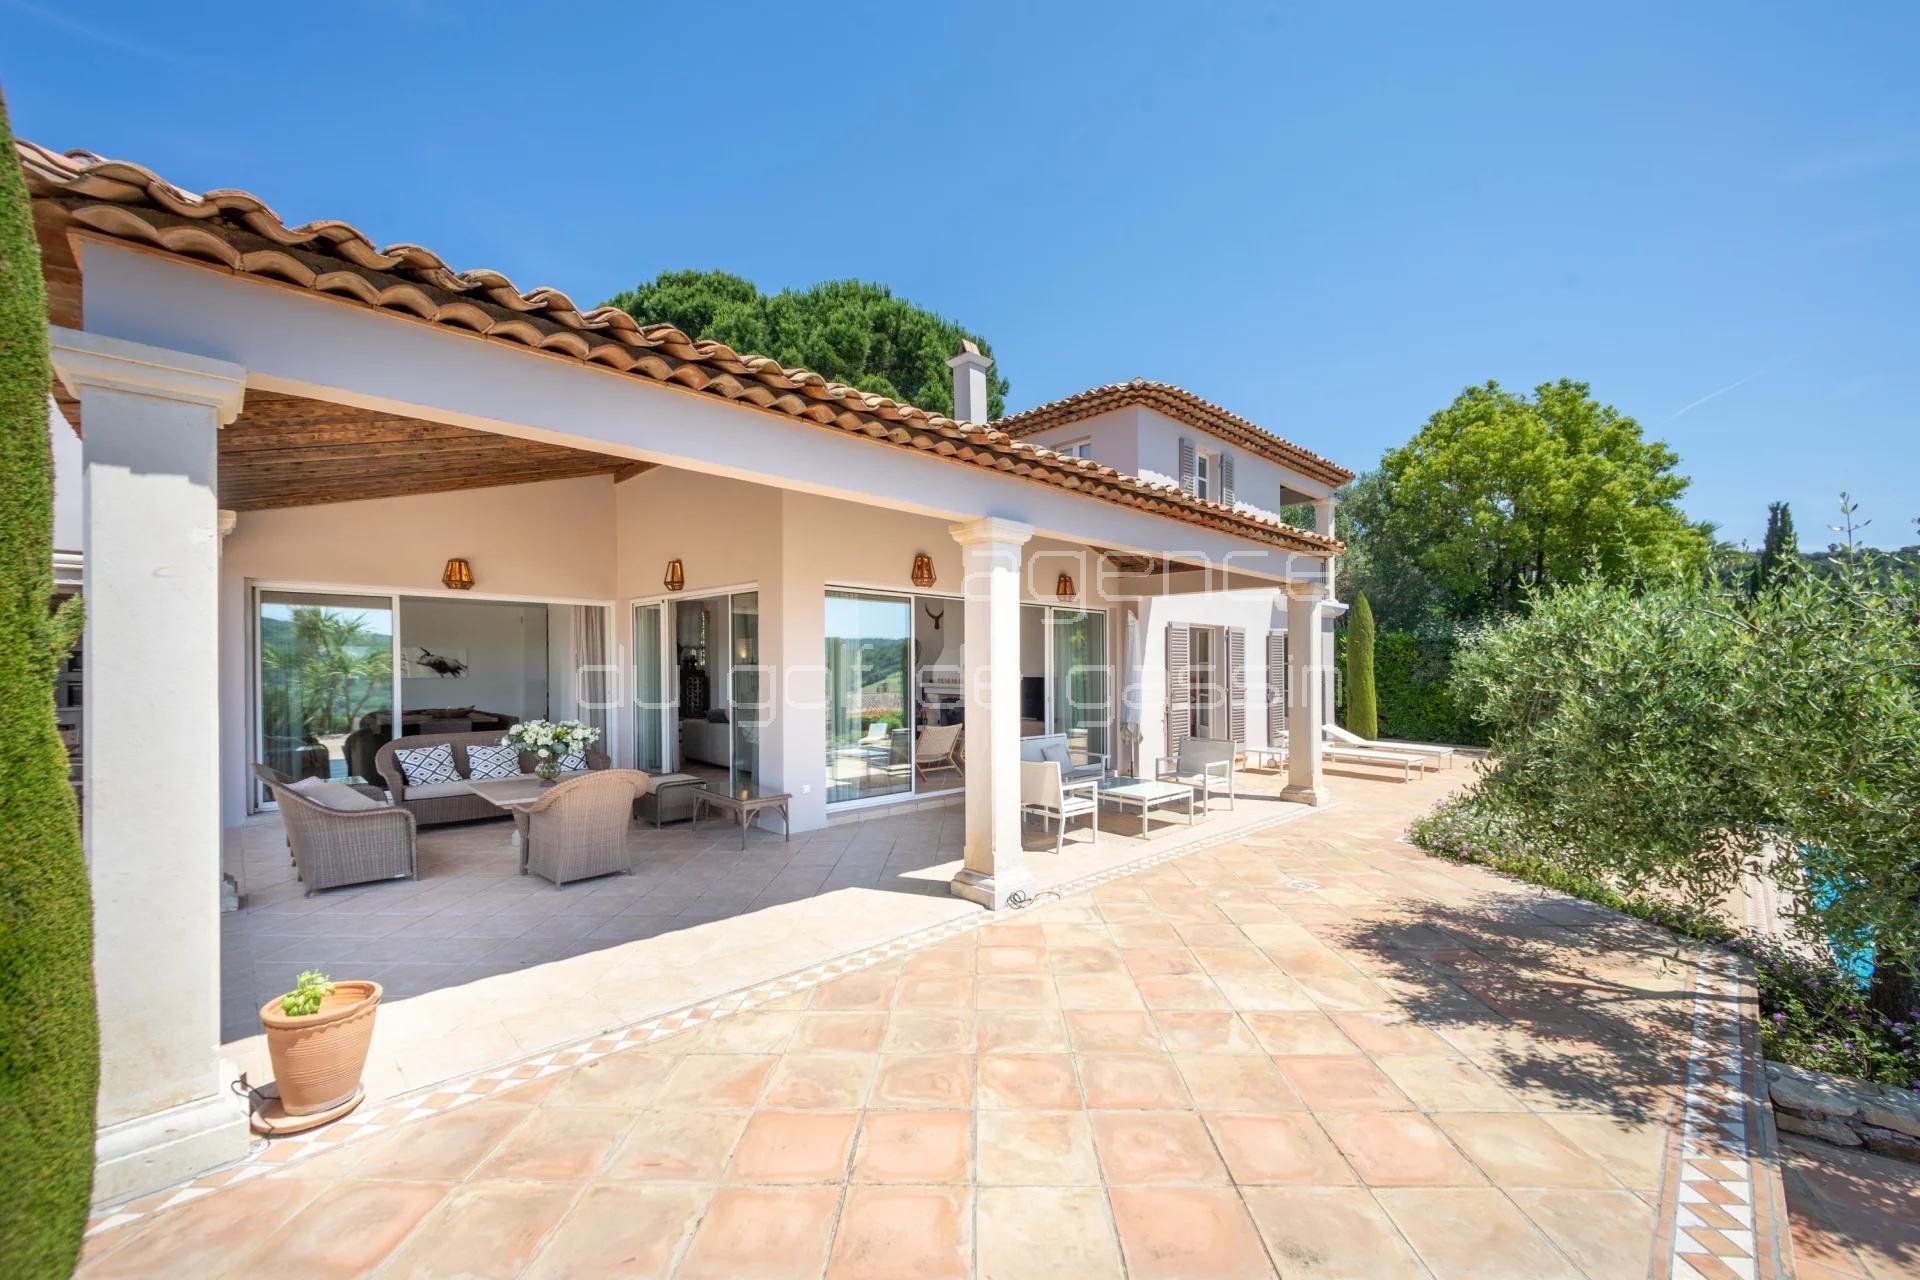 Magnifique villa avec piscine et vue dégagée dans un domaine sécurisé